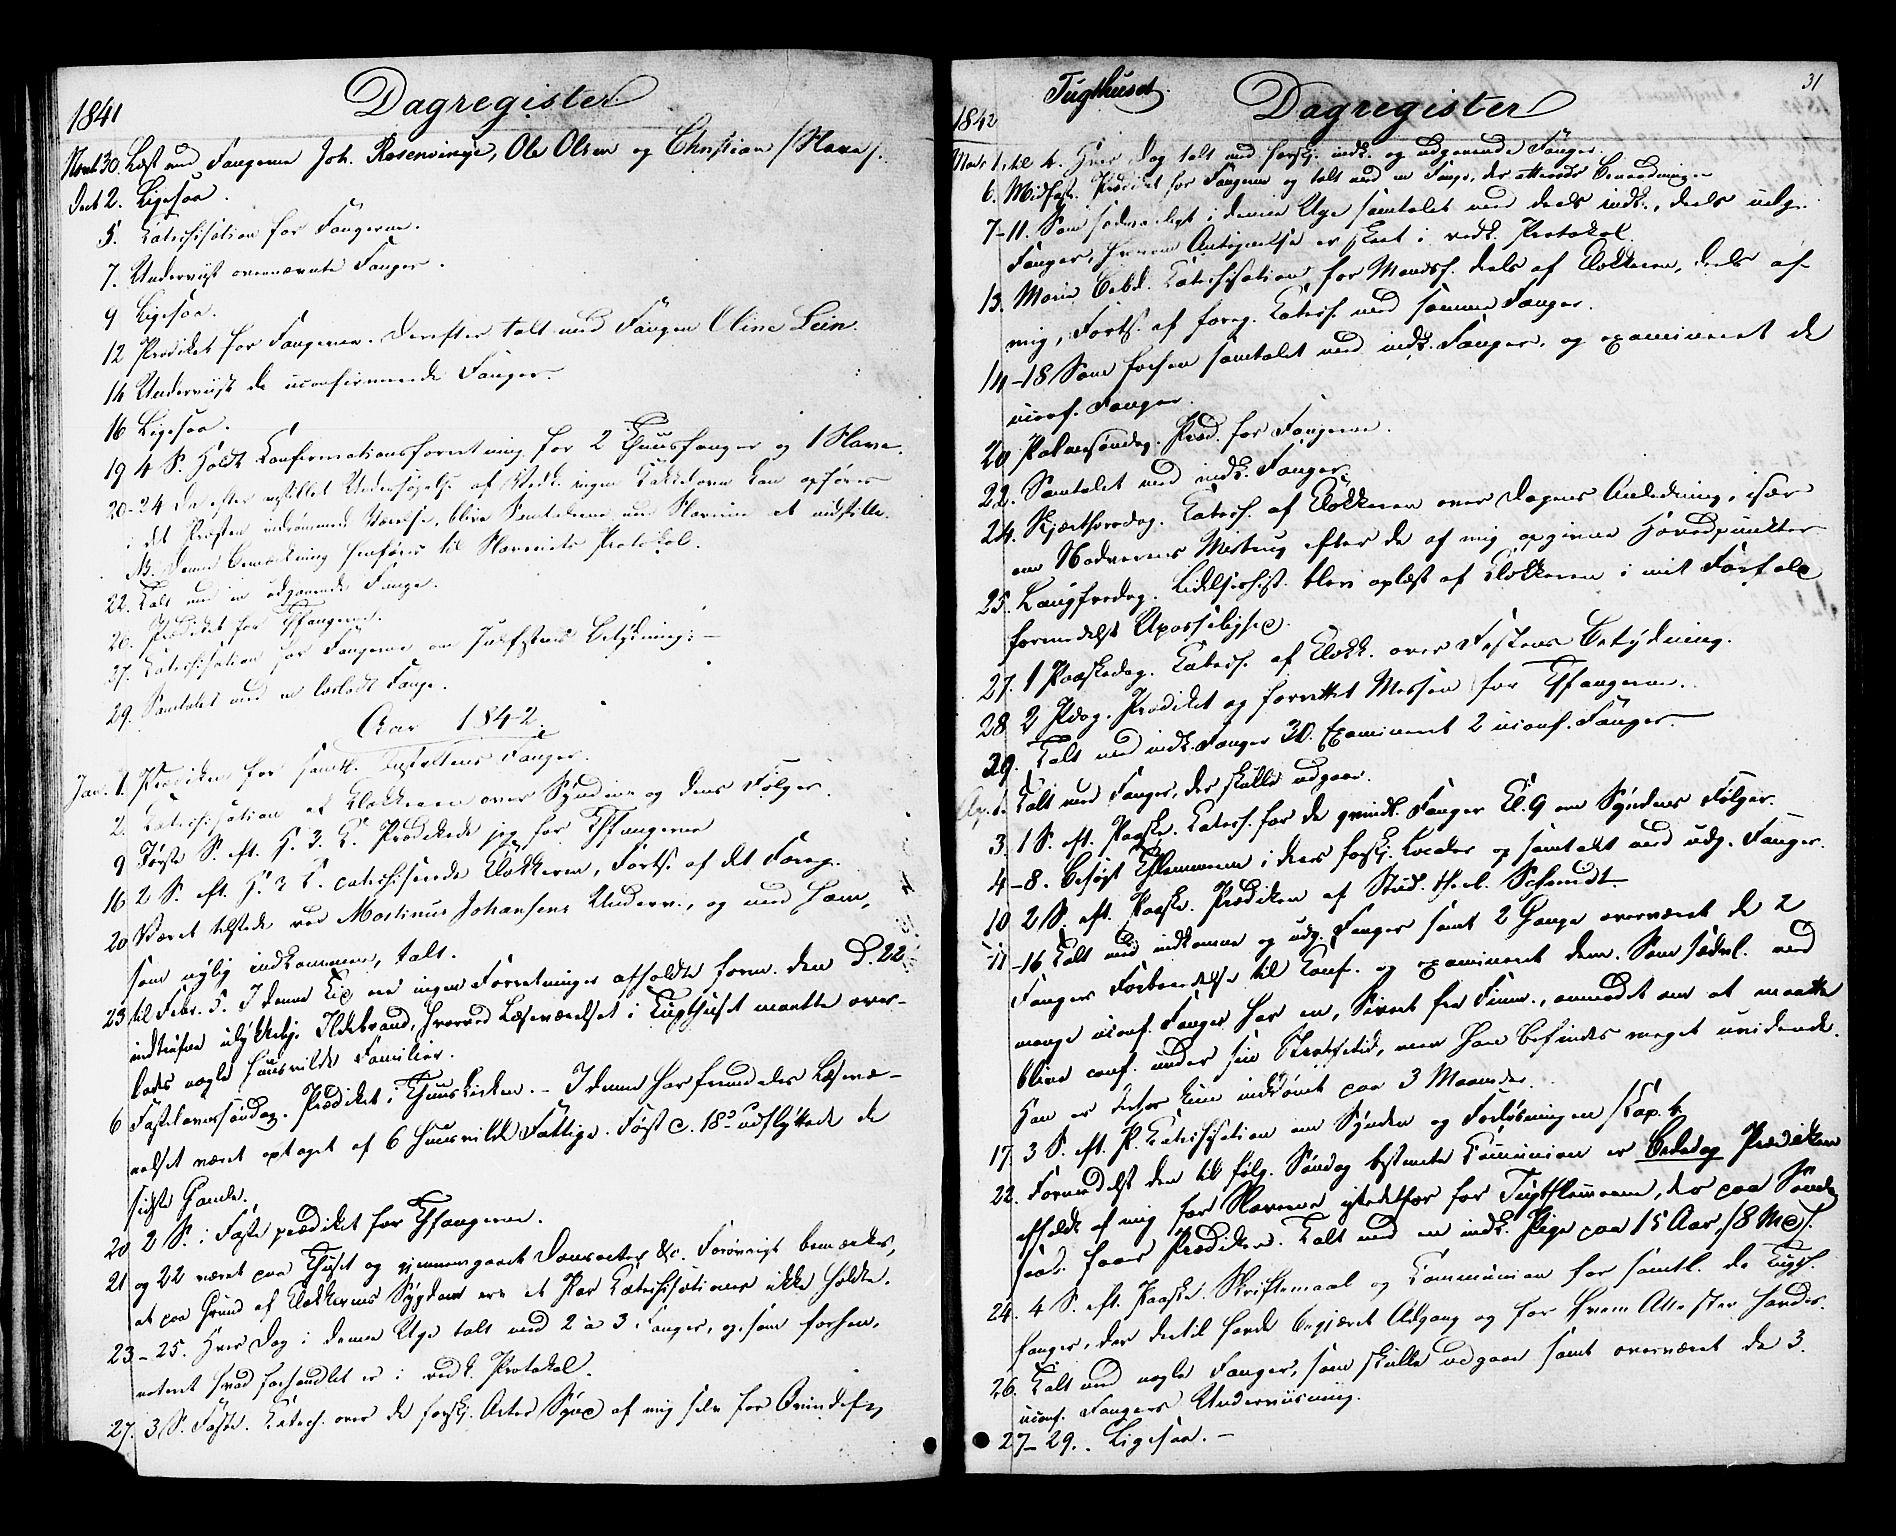 SAT, Ministerialprotokoller, klokkerbøker og fødselsregistre - Sør-Trøndelag, 624/L0480: Ministerialbok nr. 624A01, 1841-1864, s. 31